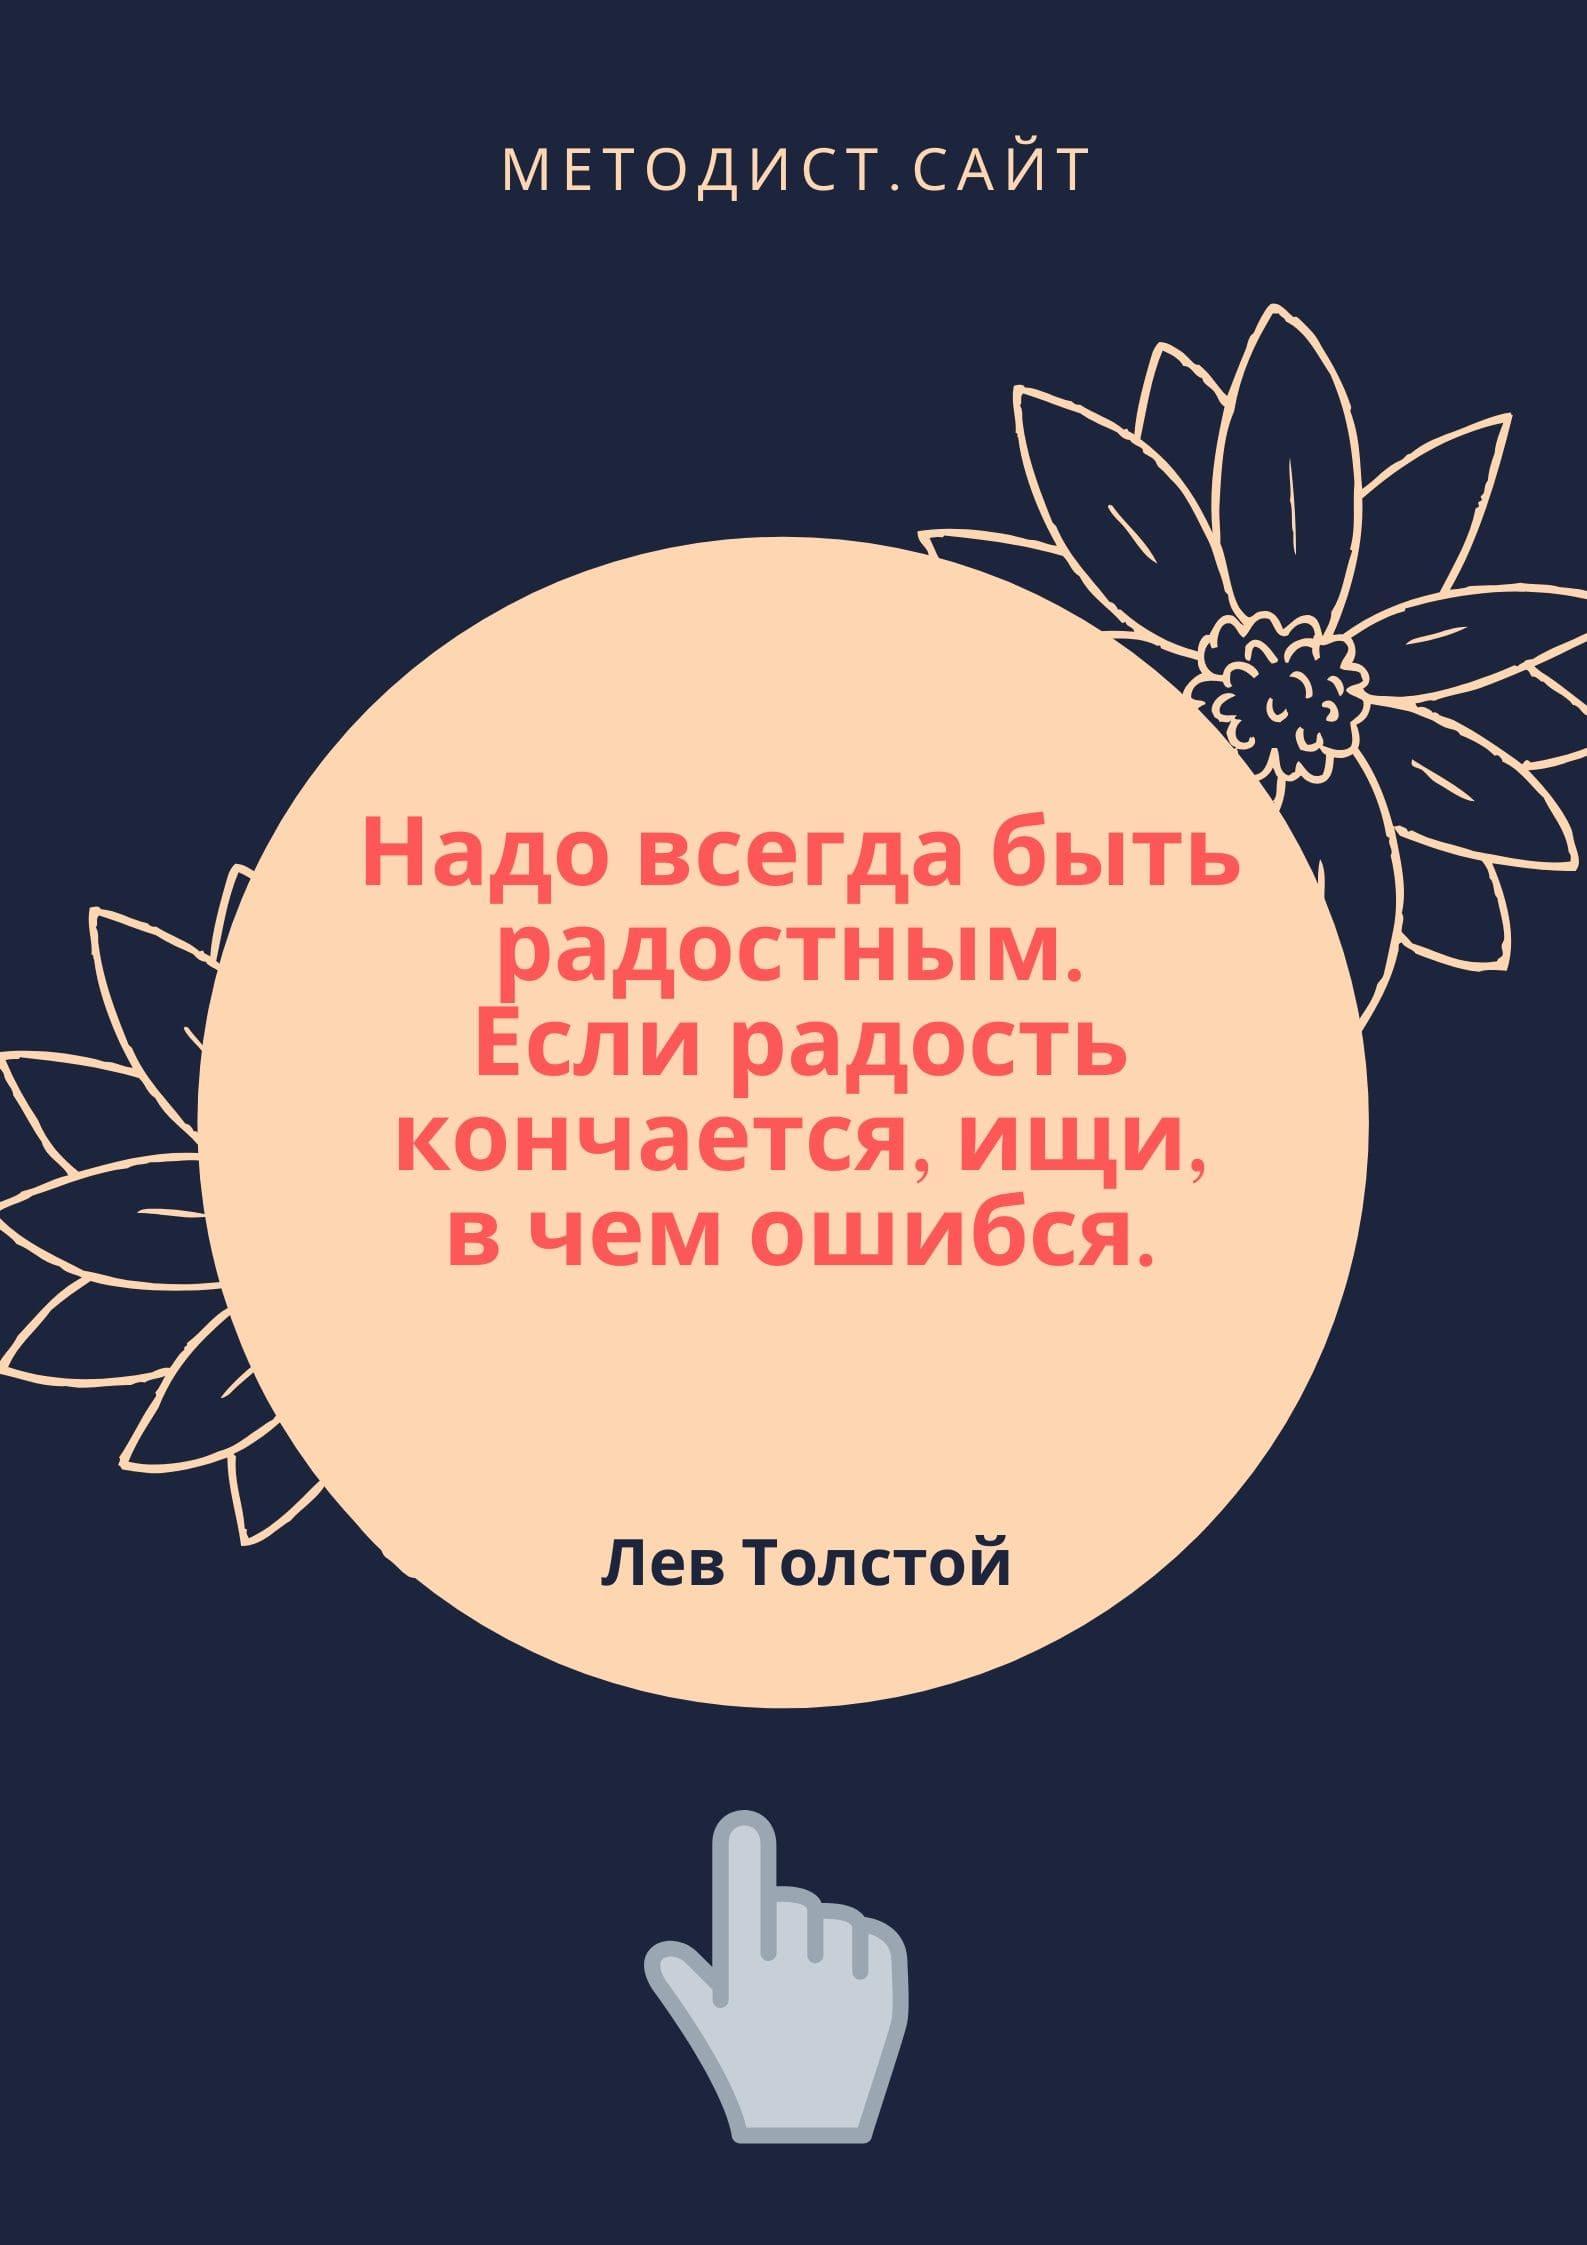 Надо всегда быть радостным. Лев Толстой